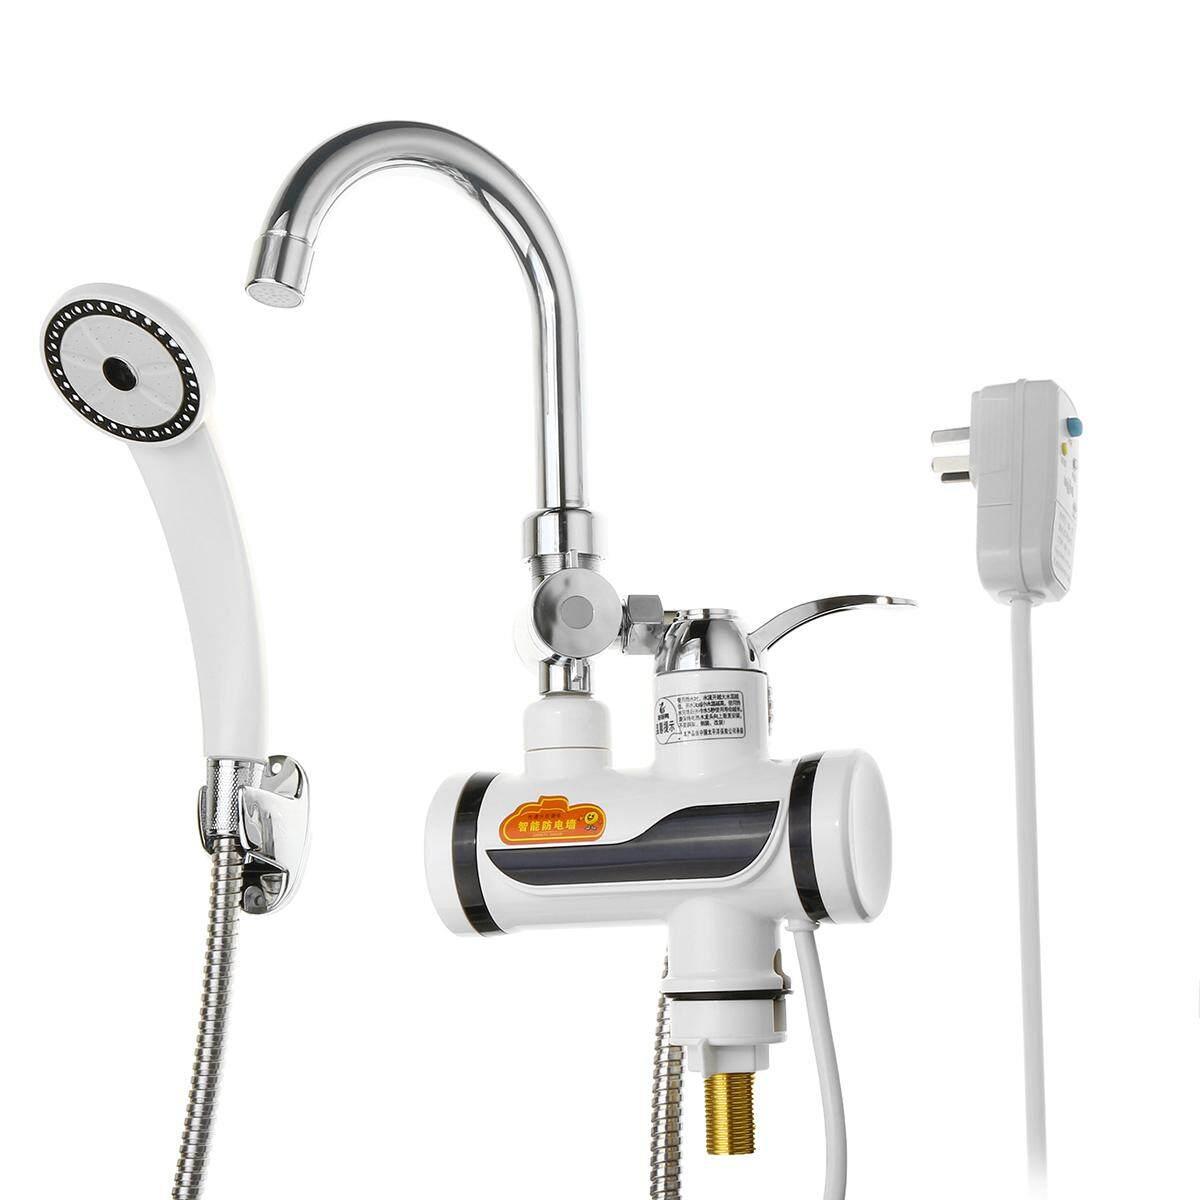 LED Instant Elektrik Air Heater Pemanasan Cepat Faucet Seksi & Cold Mixer Keran Dapur-Internasional